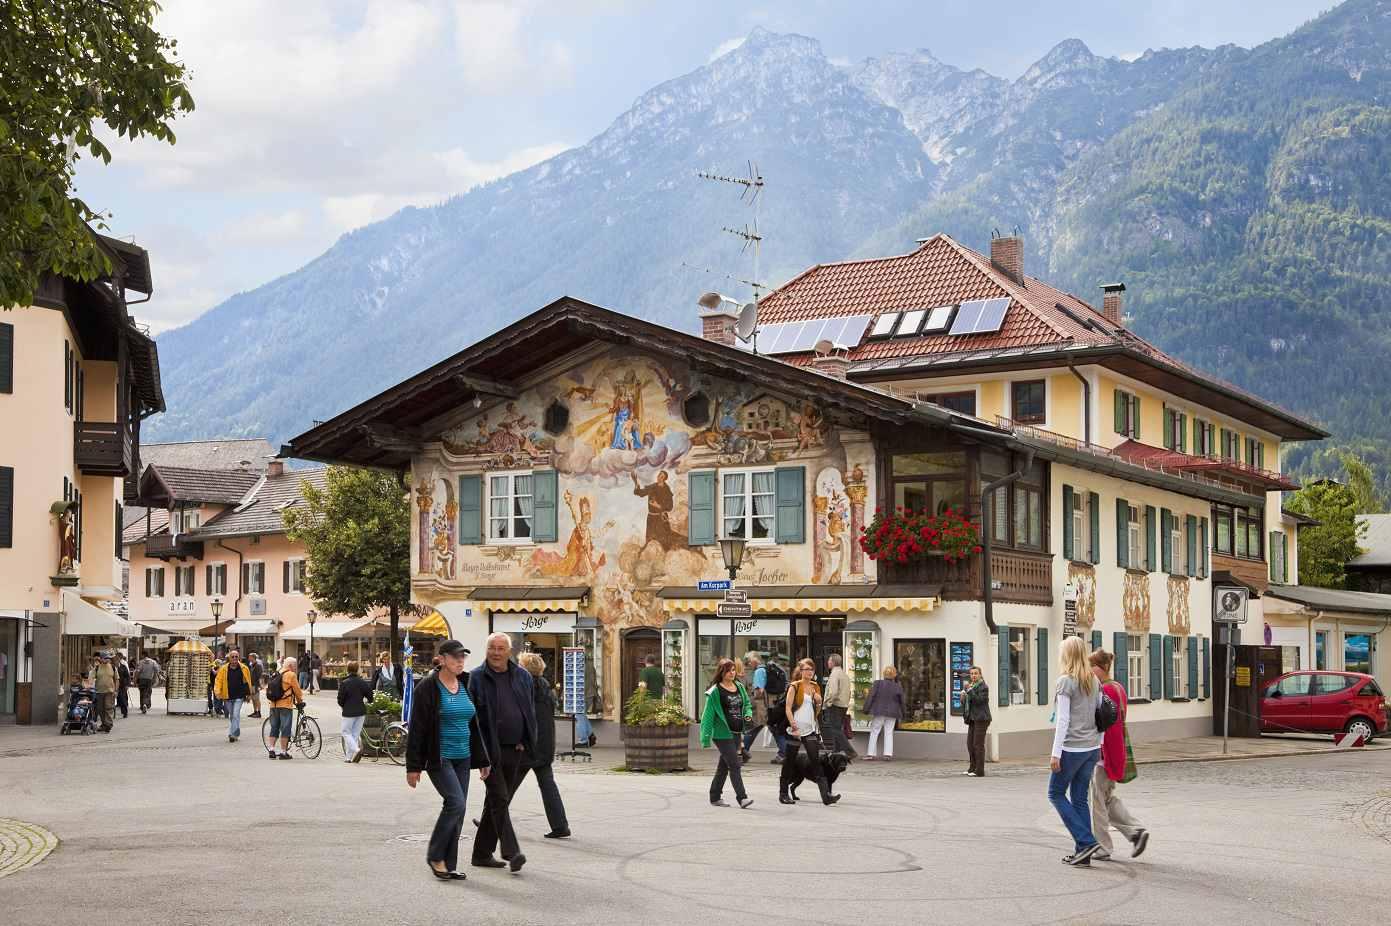 Old Town Garmisch-Partenkirchen